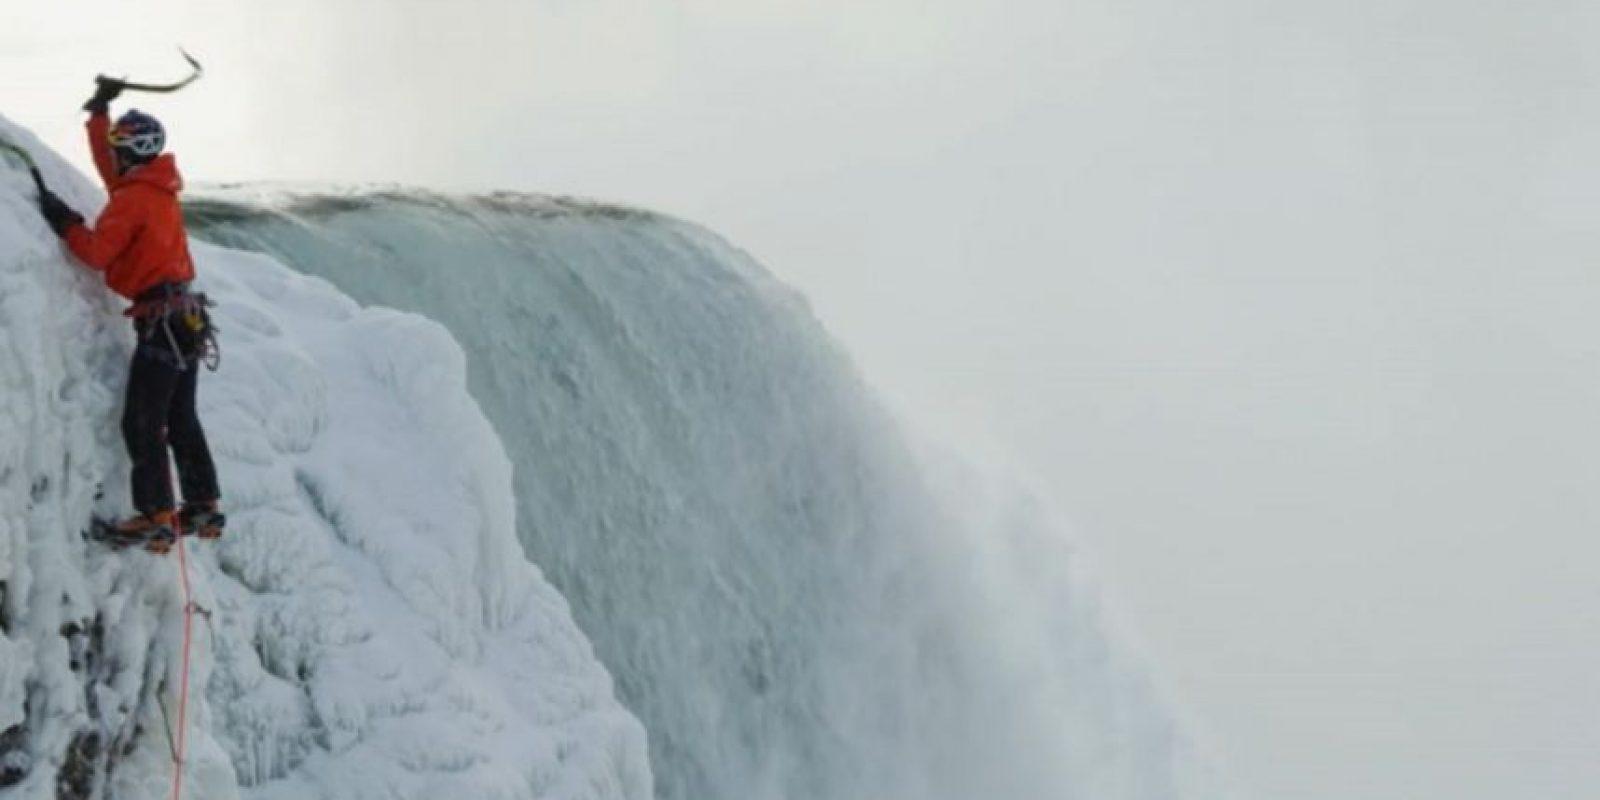 Superó los 42 metros (140 pies) de las cáscadas Foto:Red Bull